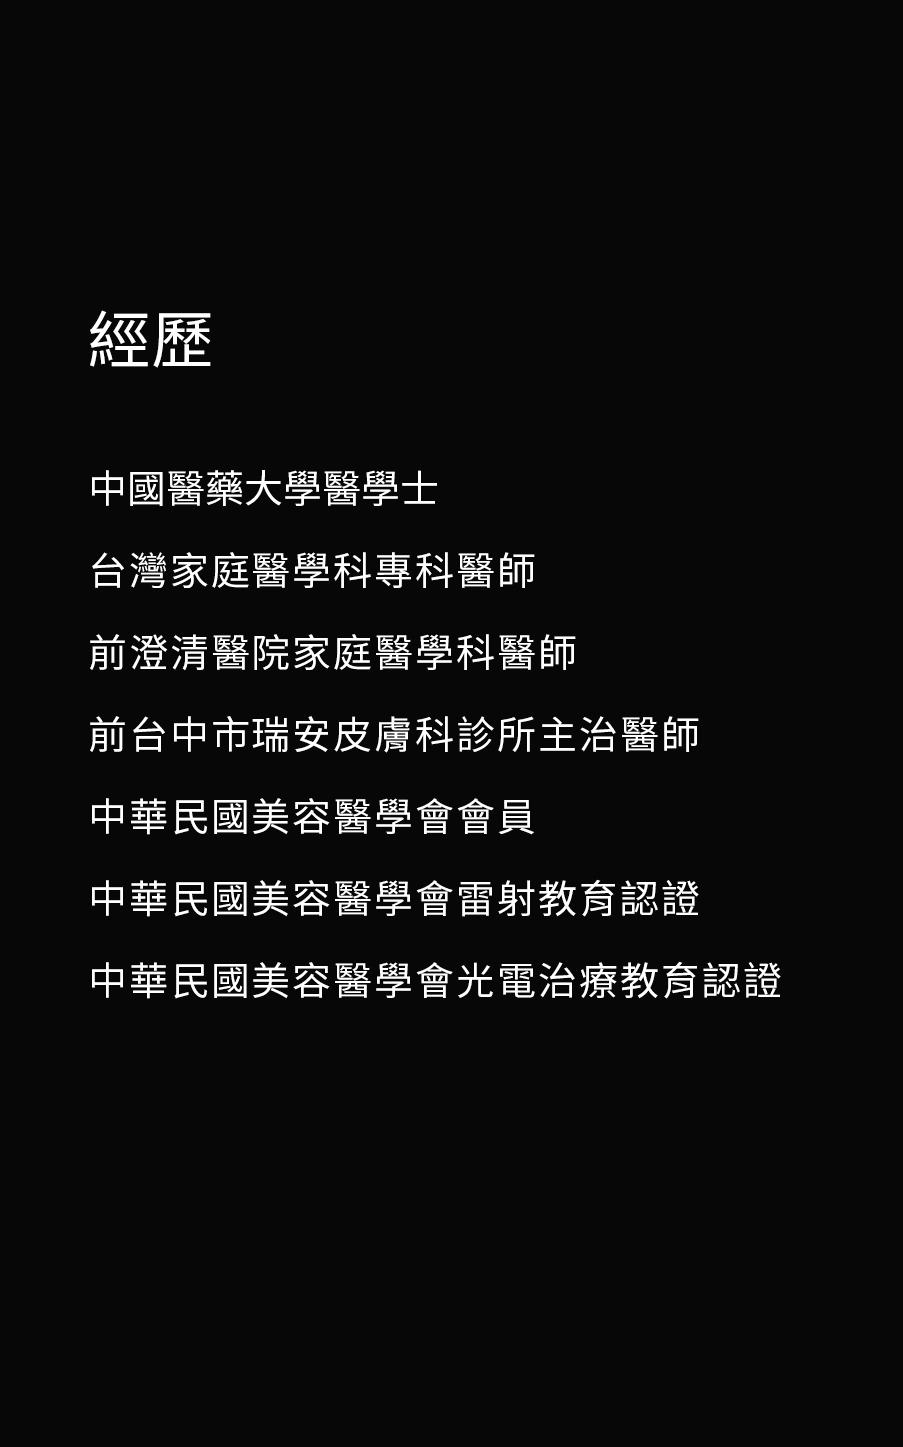 林瑋全-01